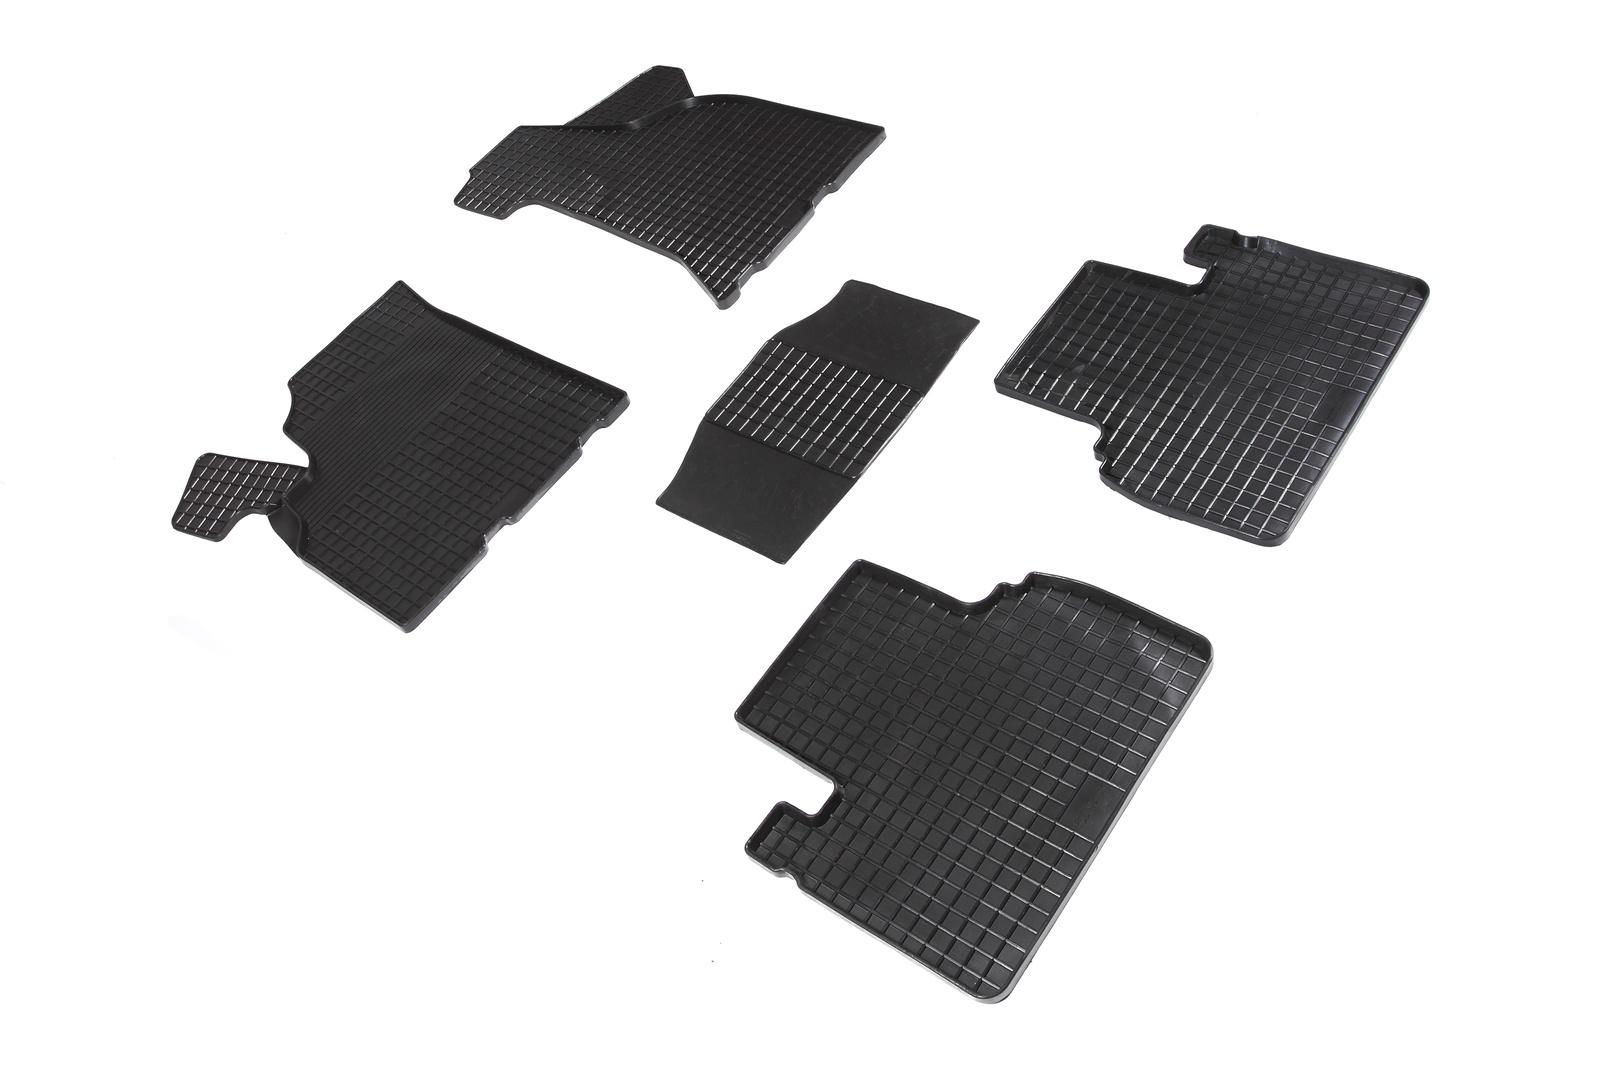 Коврики в салон автомобиля Seintex Резиновые коврики Сетка для Лада Приора 2007-2018 для автомобиля класса лада аккумулятора какой нужен